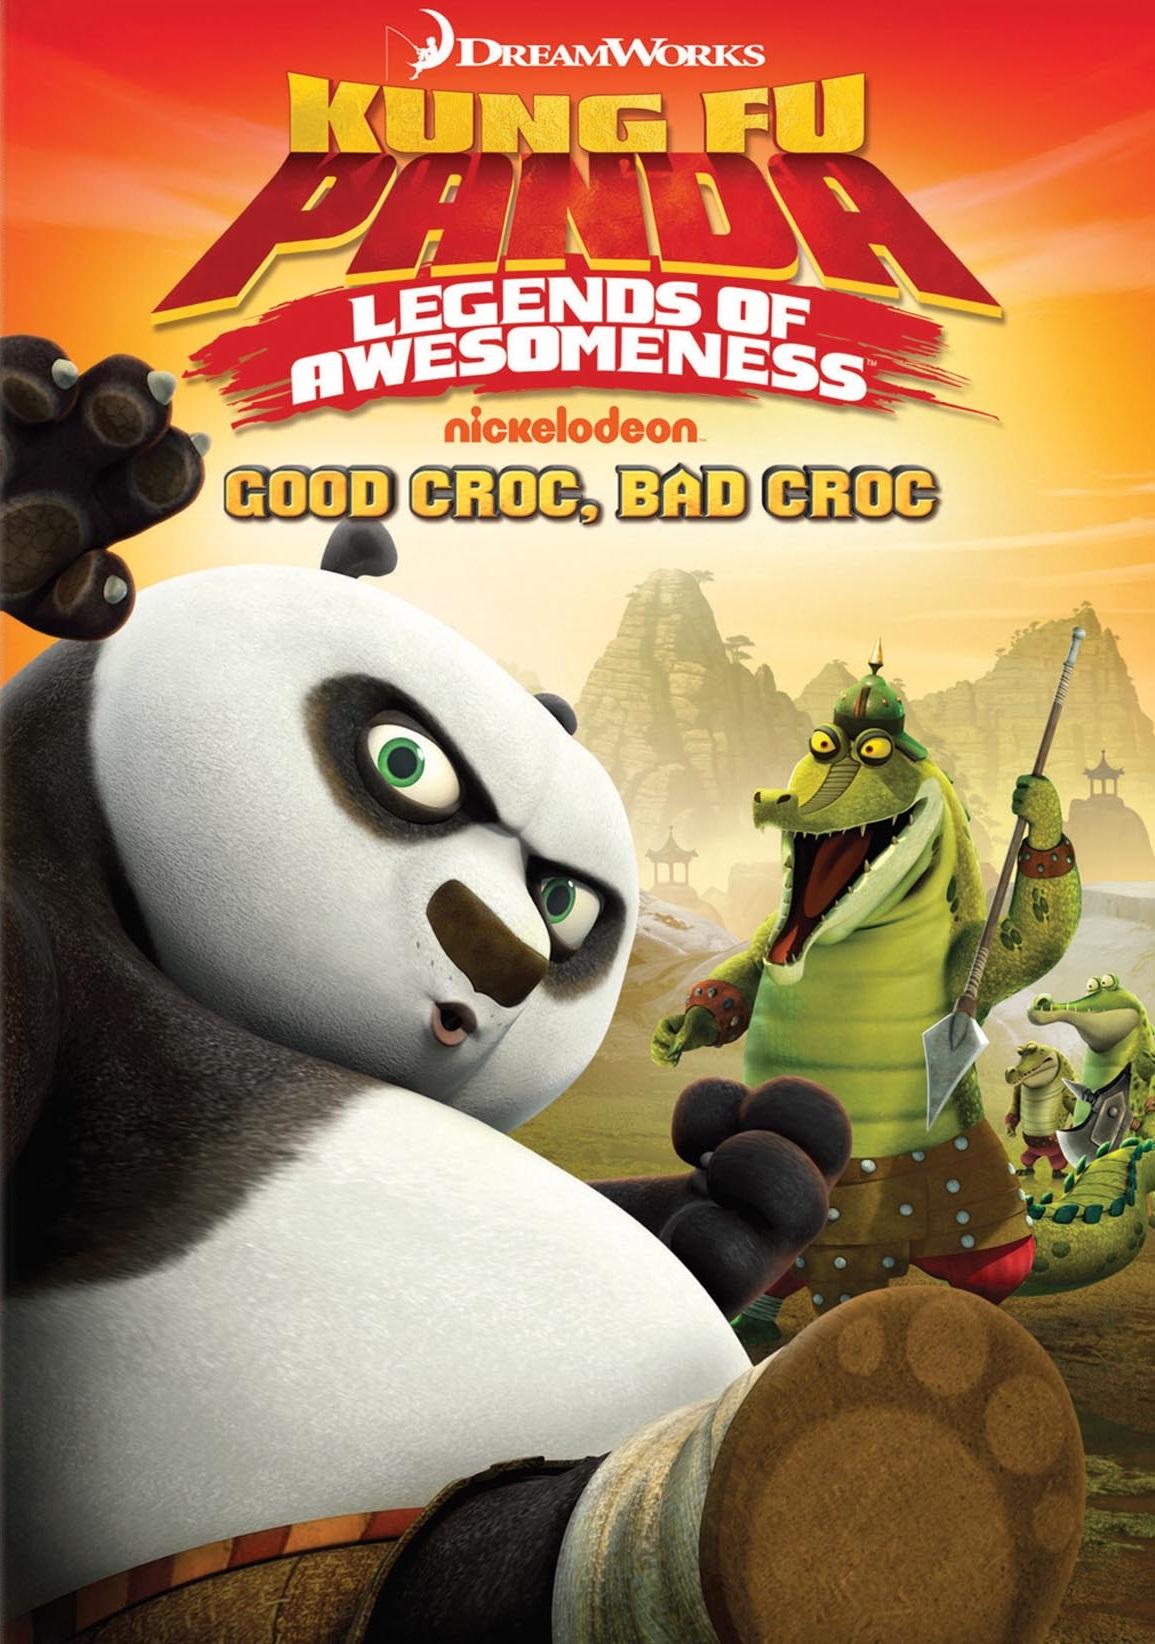 دانلود مجموعه کامل پاندای کونگفوکار: افسانه های شگفت انگیز با لینک مستقیمKung Fu Panda Legends of Awesomeness 2011